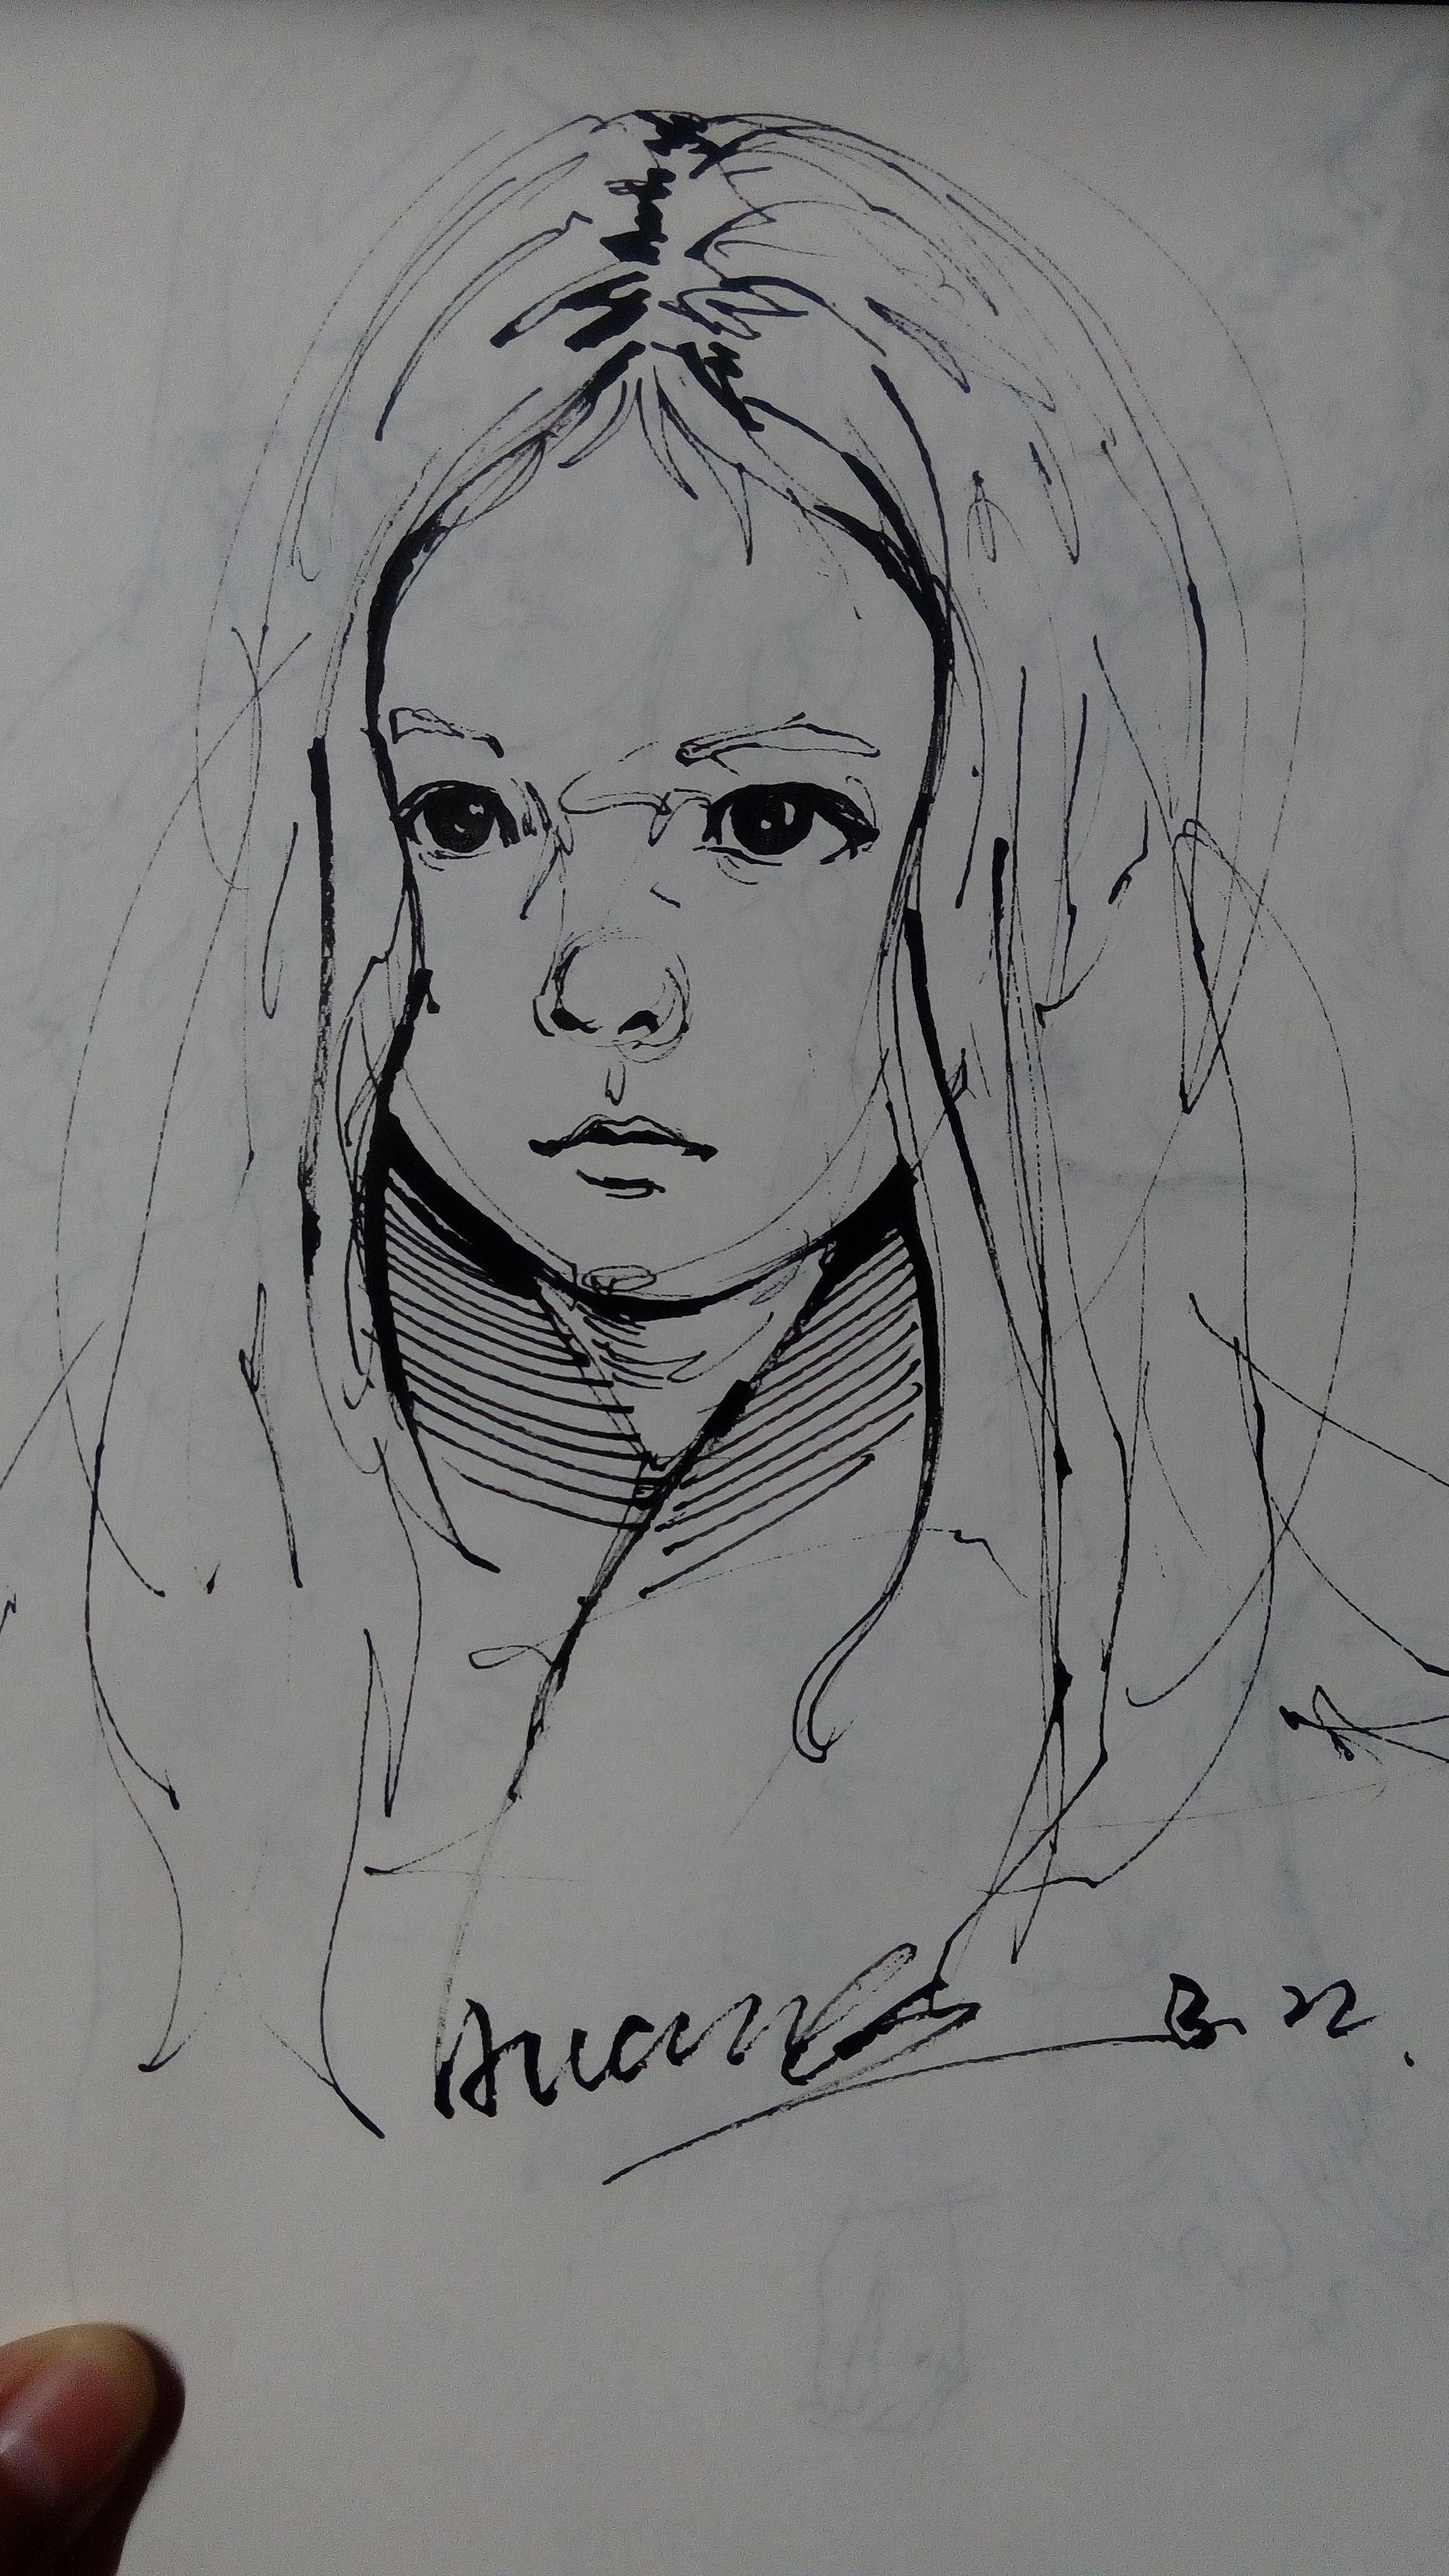 西安鼓楼钢笔手绘